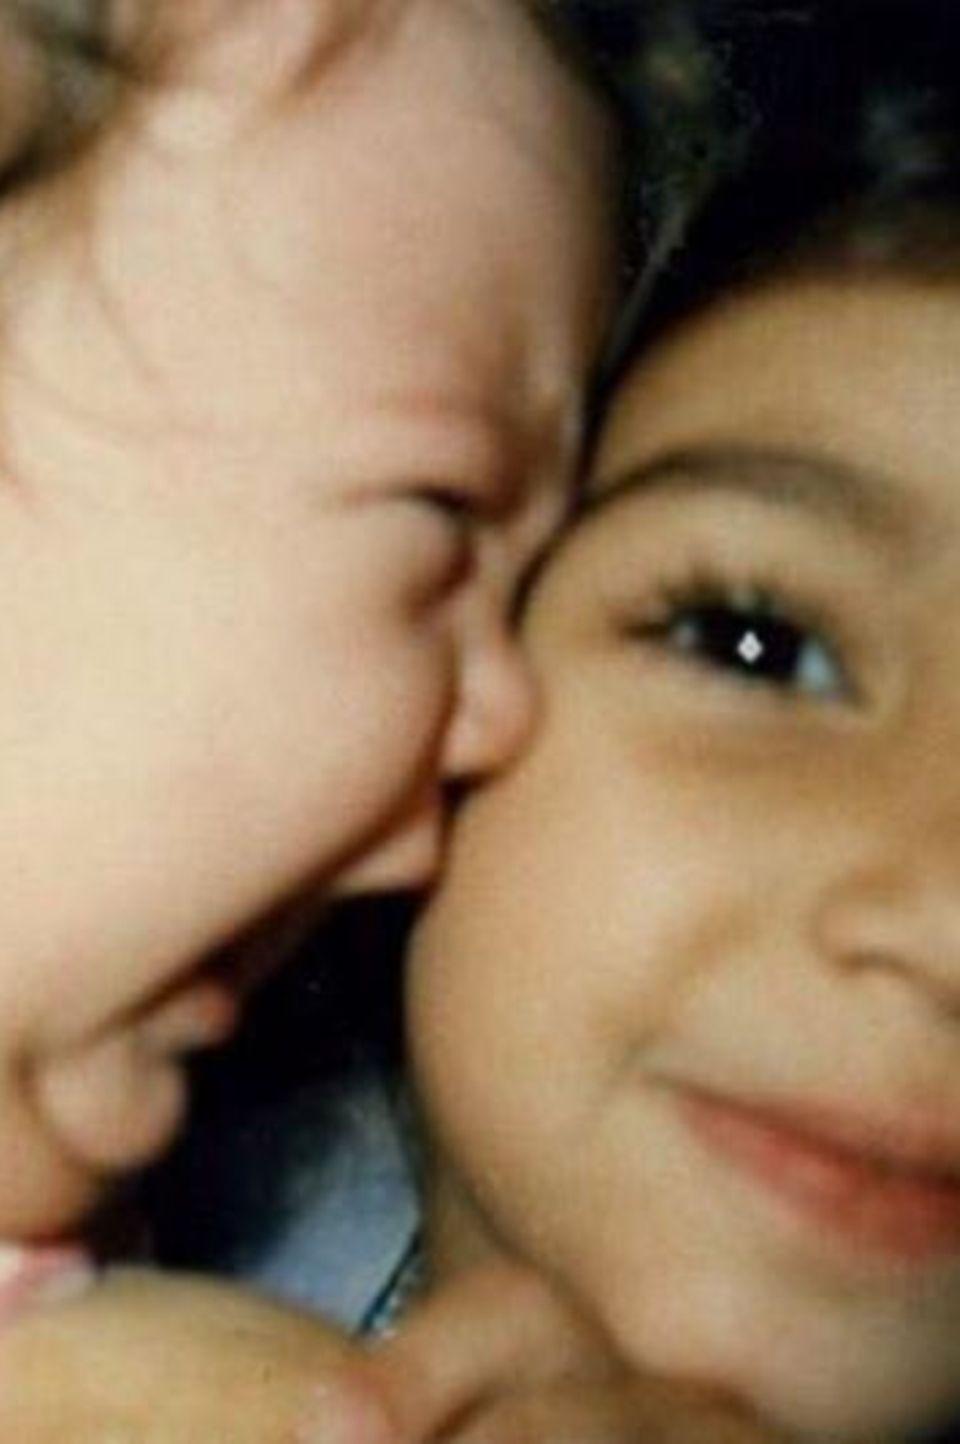 """Zum Geburtstag von Khloé Kardashian postete Kim Kardashian dieses süße Foto aus Kindheitstagen. Darauf zu sehen ist eine heulende Khloé, mit gigantischem Klunker am Ohr, und ihre grinsende, große Schwester Kim. """"Danke dafür, dass du das Leben so spaßig machst"""", postete Kim liebevoll dazu."""